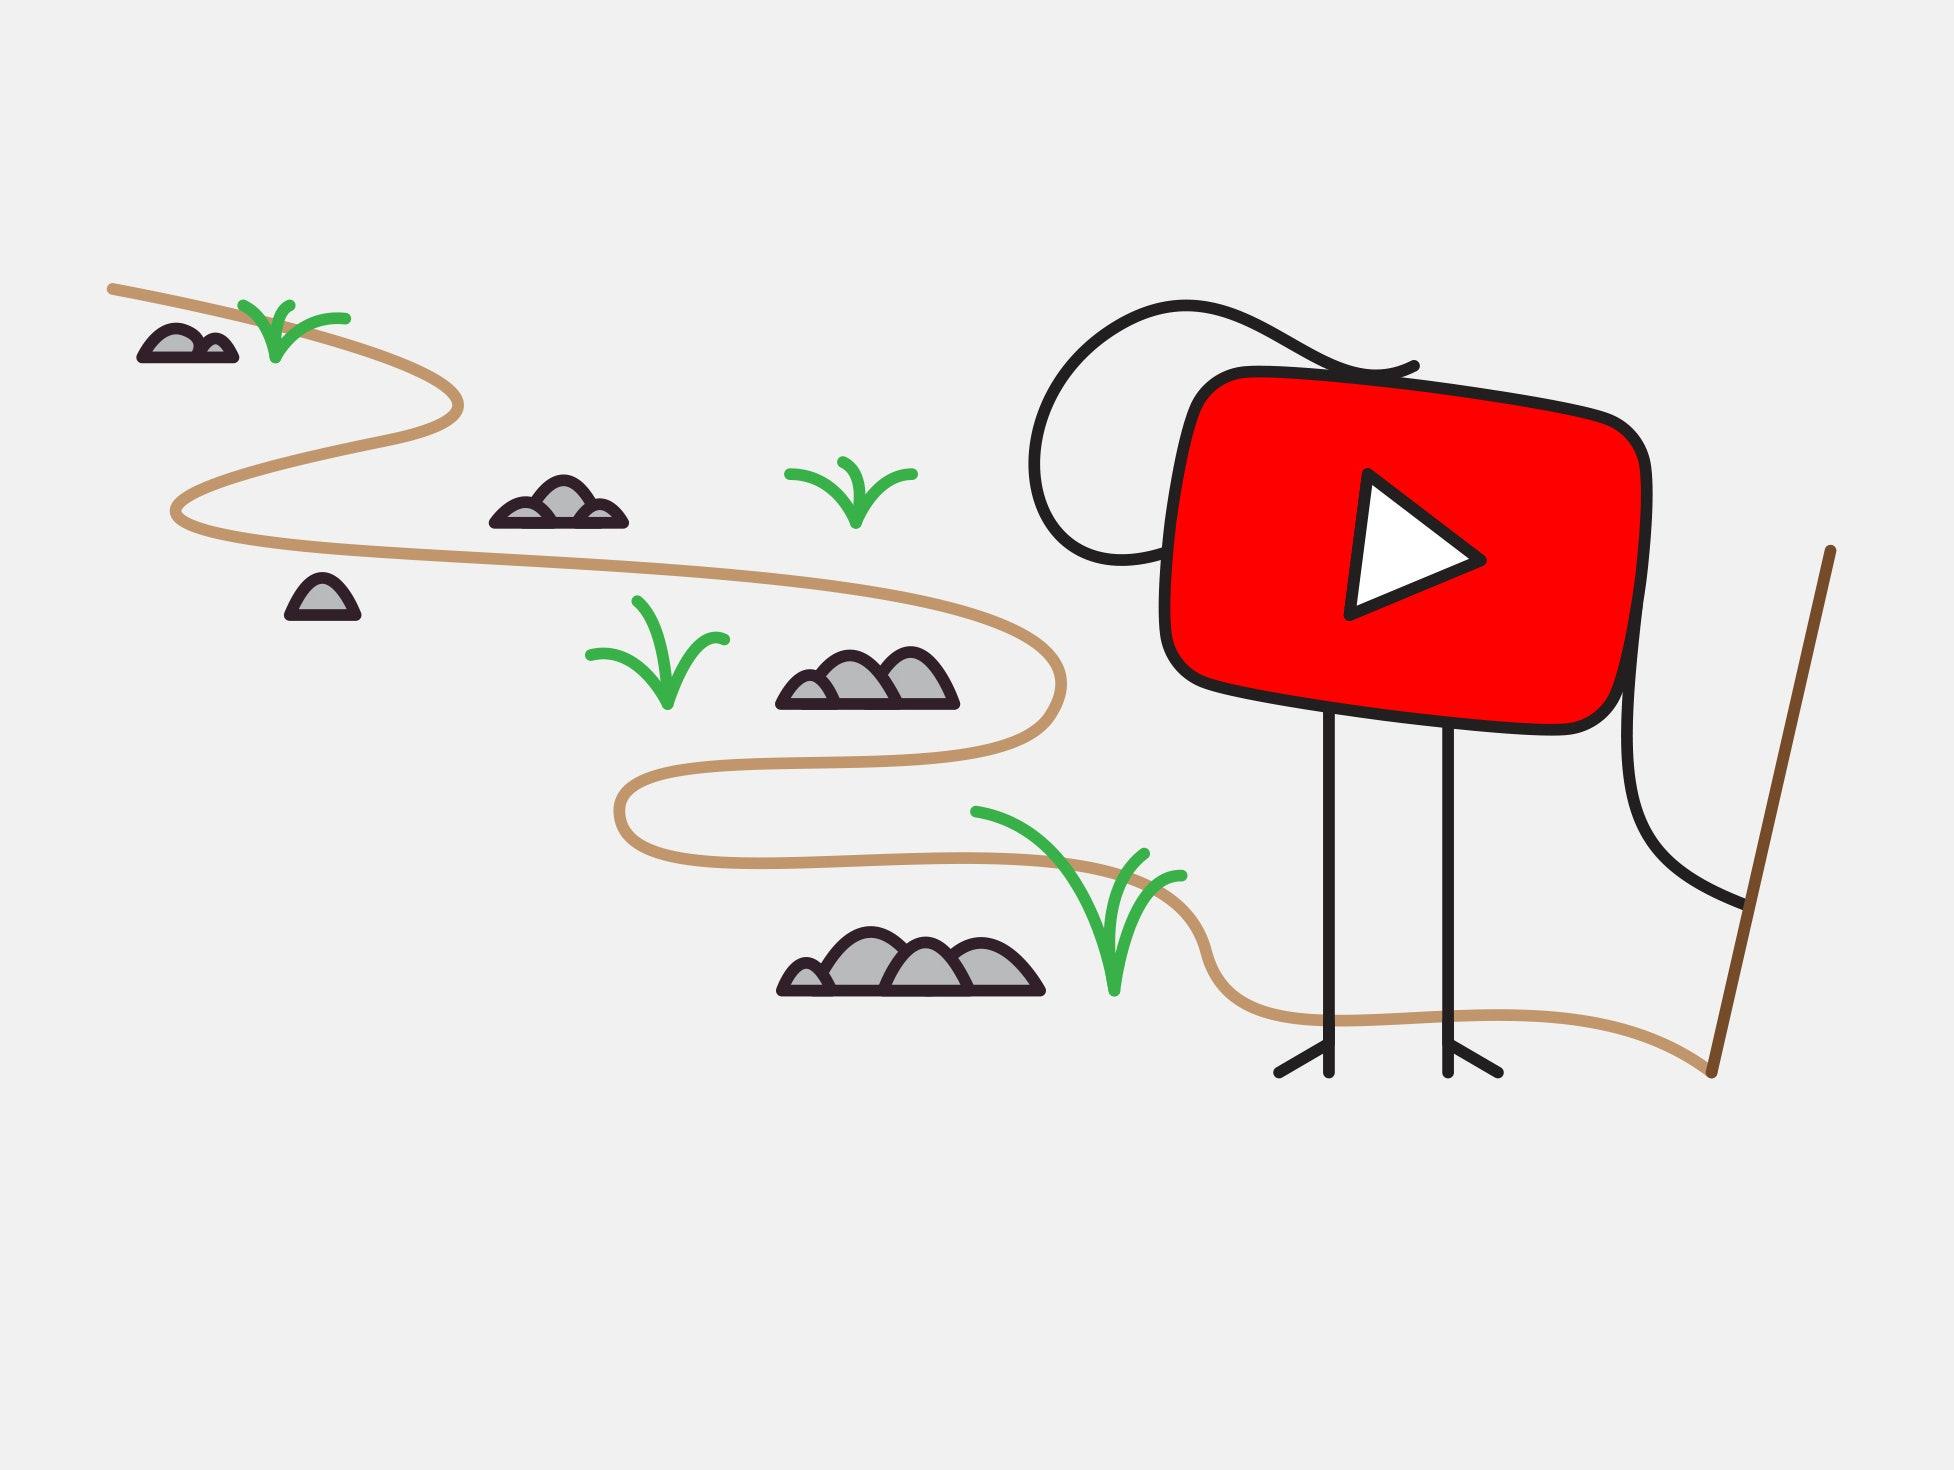 YouTube удаляет ролики с дезинформацией - под раздачу попало больше миллиона видео с фейками о COVID